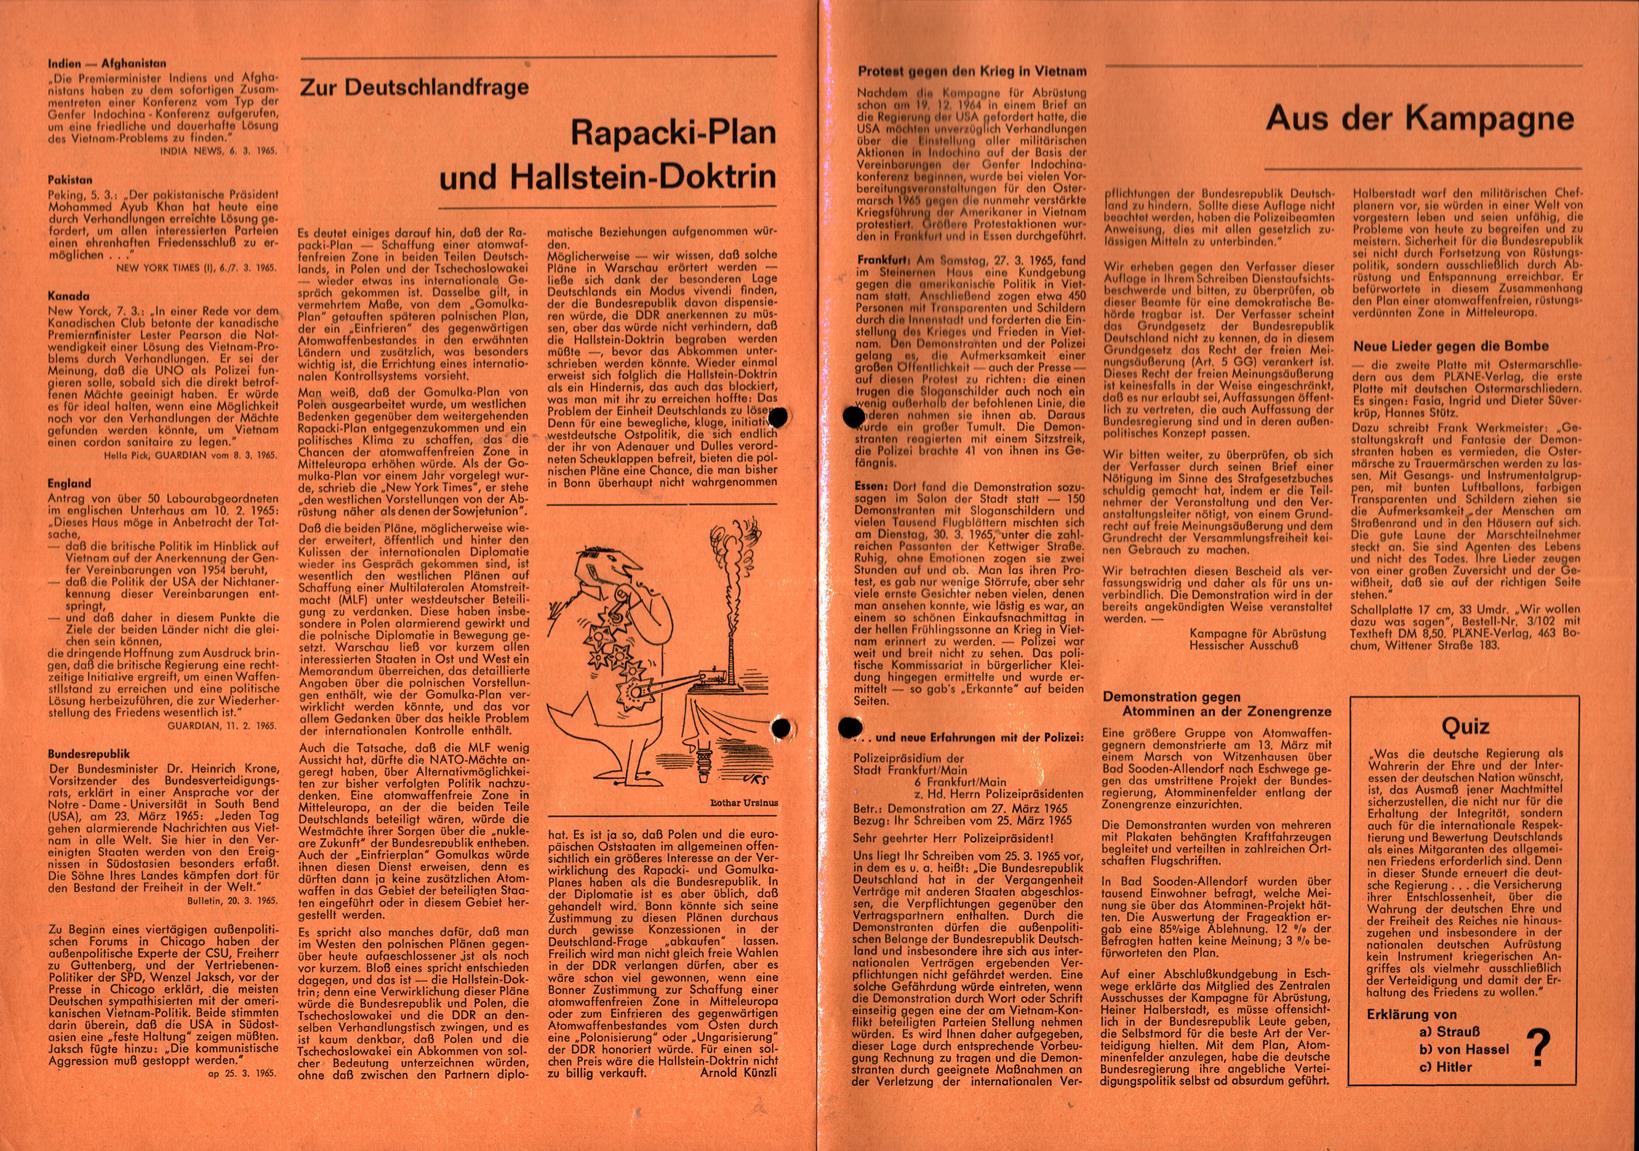 Infos_zur_Abruestung_1965_021_004